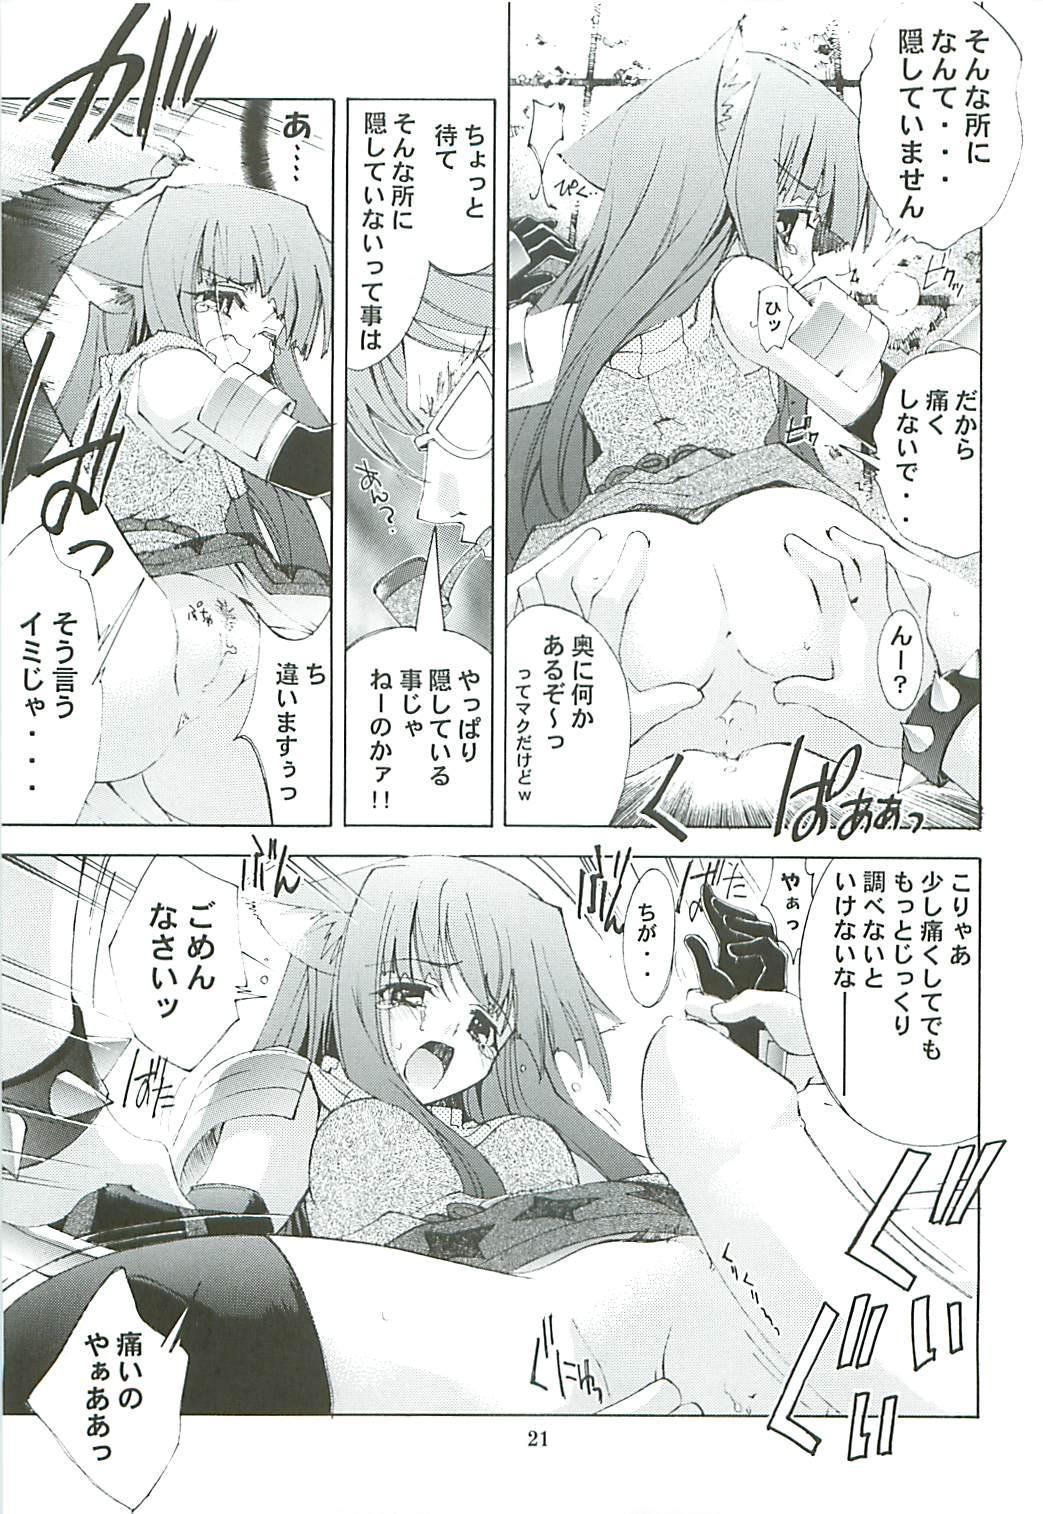 Kaishaku Level 99 ni Naru Hon 20